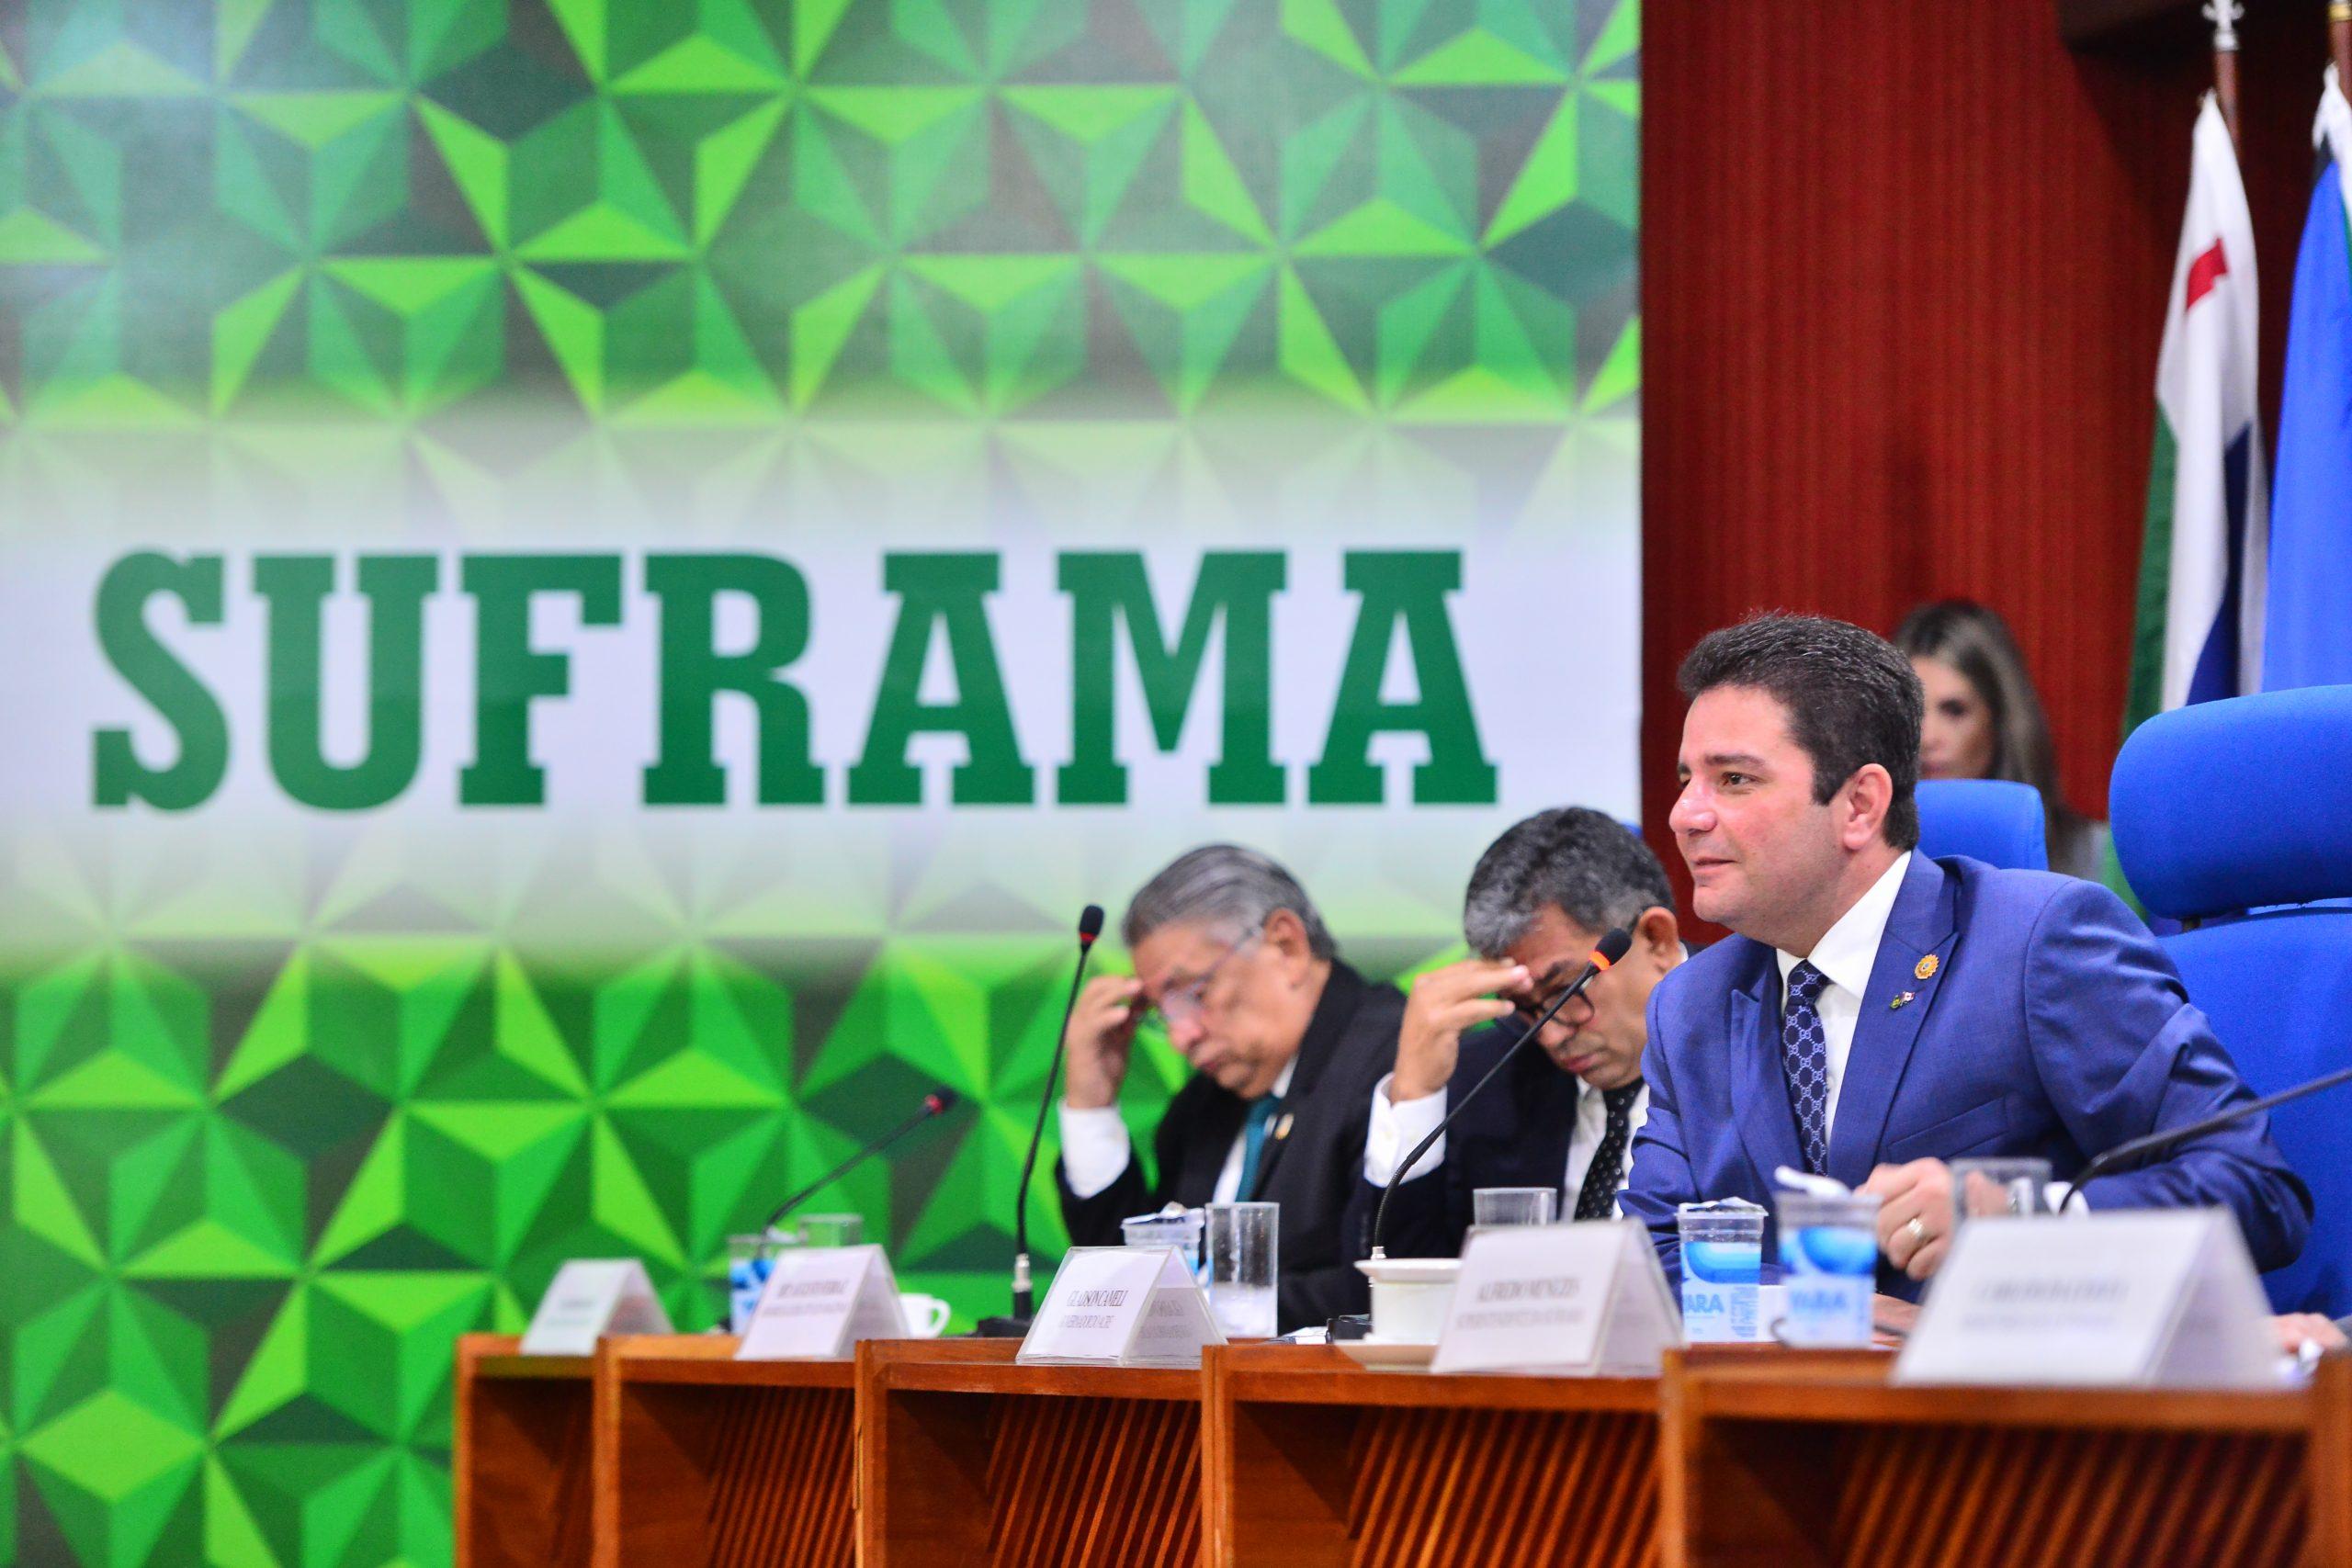 Em reunião da Suframa, Gladson defende continuidade das Áreas de Livre Comércio e investimentos para o Acre